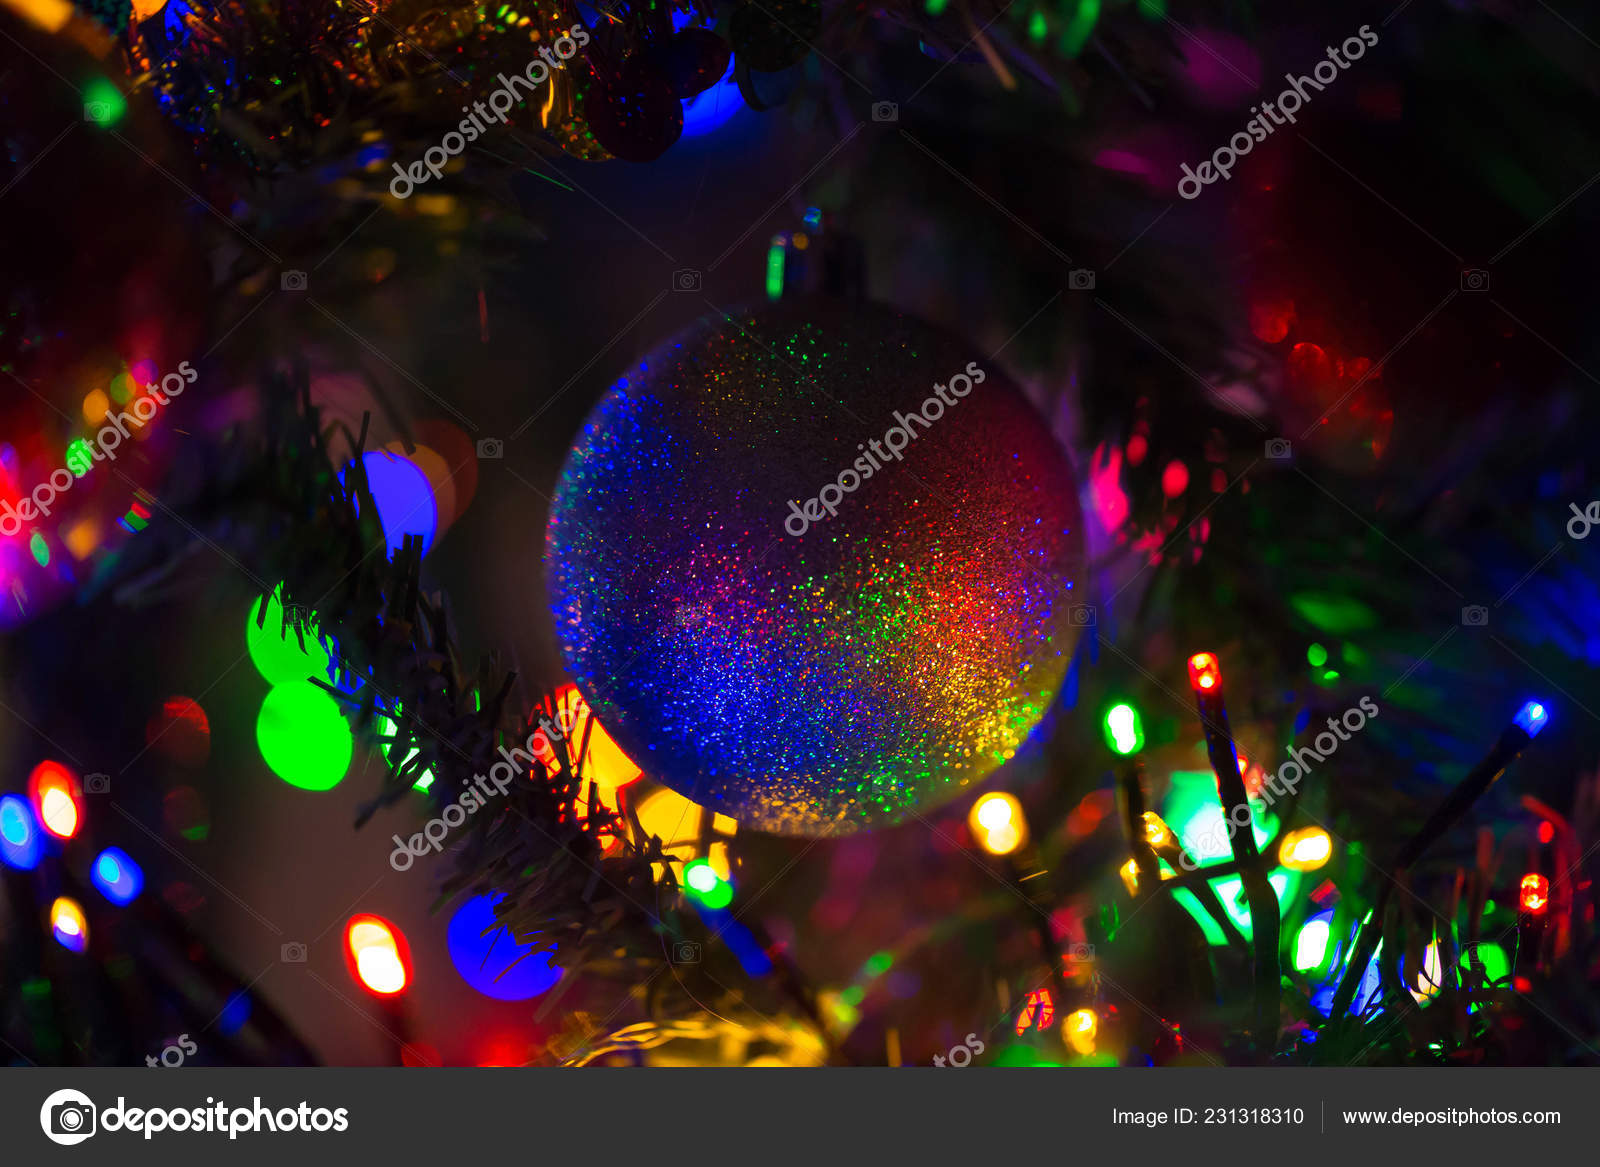 Magical Rainbow Christmas Ball Hanging Christmas Tree Christmas